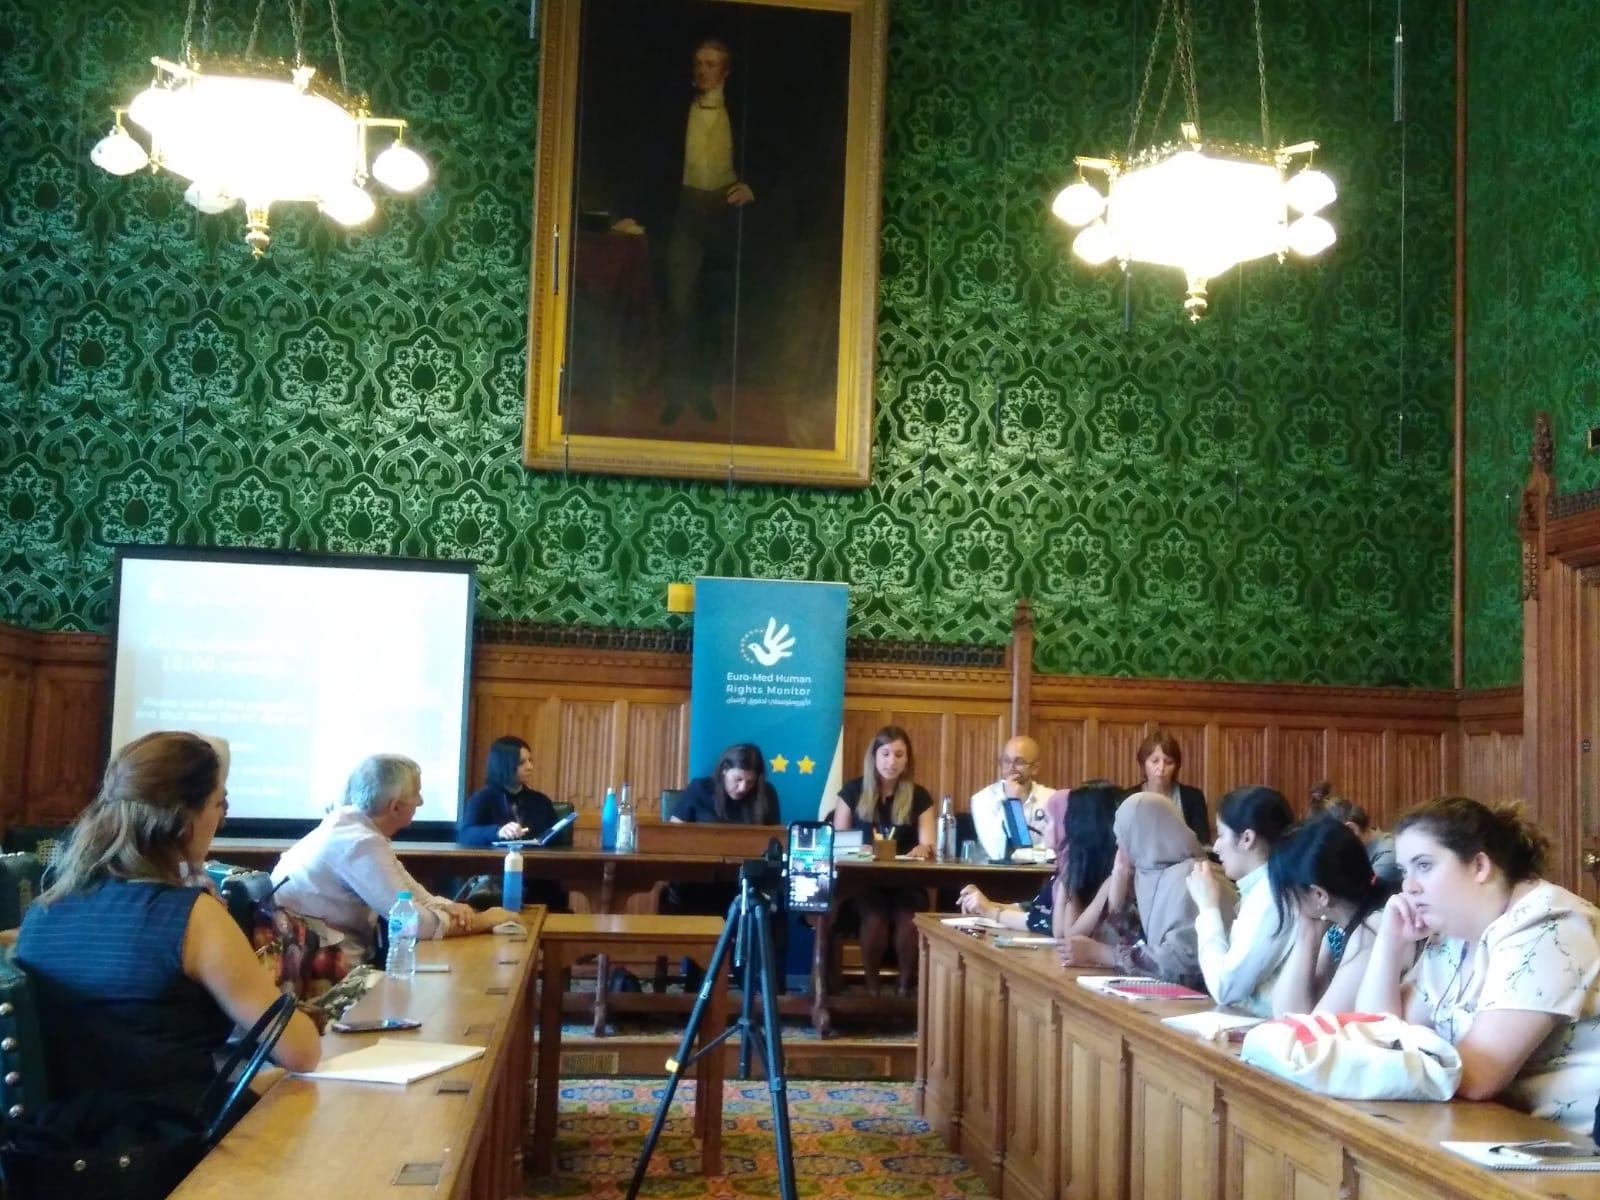 ندوة للأورومتوسطي في البرلمان البريطاني تدعو للعمل الحثيث لتغيير واقع المرأة في الشرق الأوسط